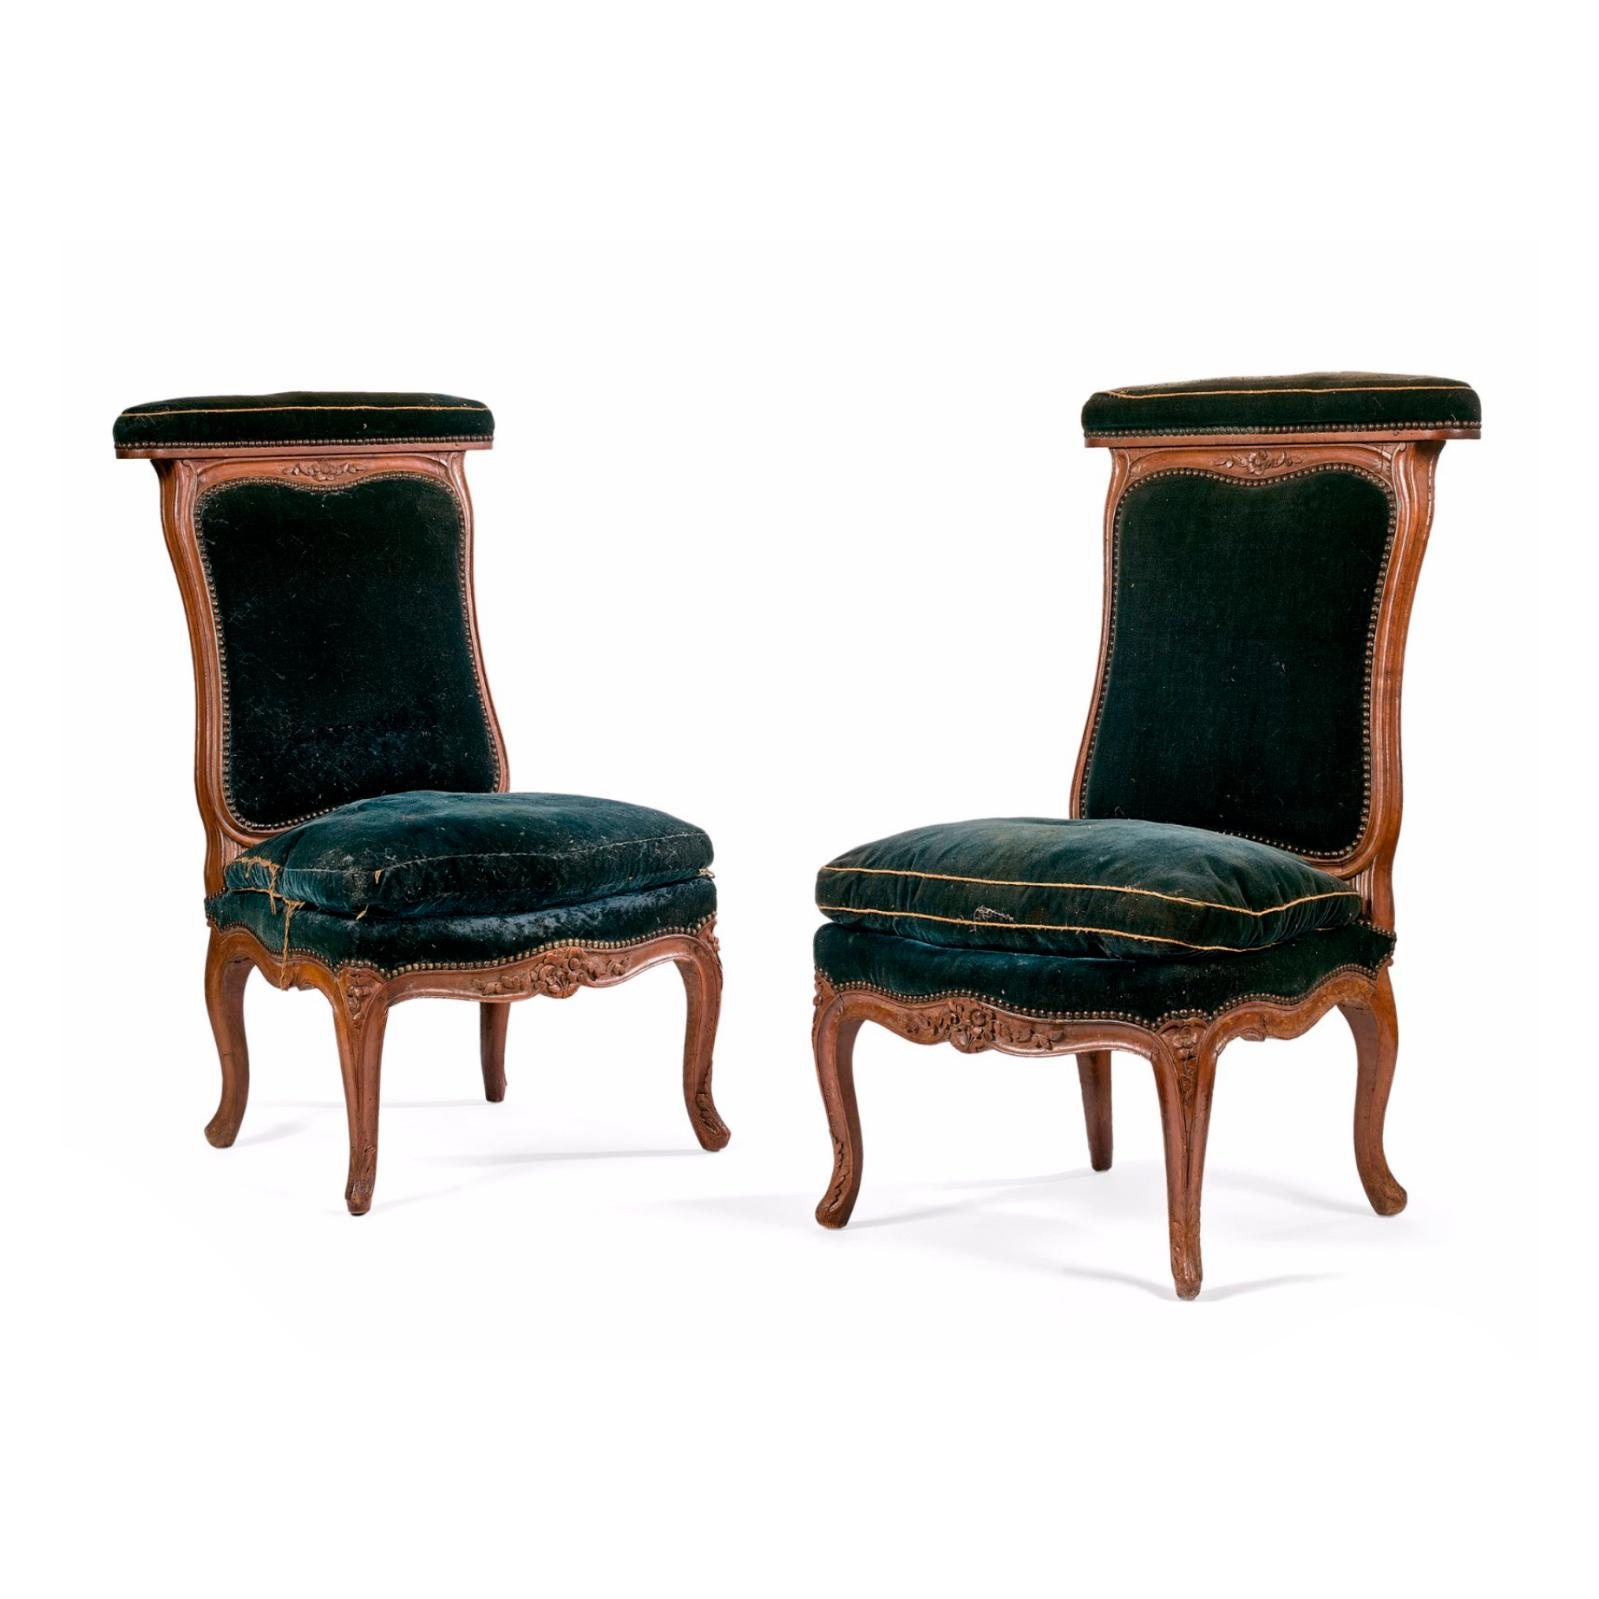 8432€ Époque LouisXV, Tilliard (Jean-Baptiste ou son fils Jacques Jean-Baptiste), paire de chaises ponteuses en noyer sculpté de fleure